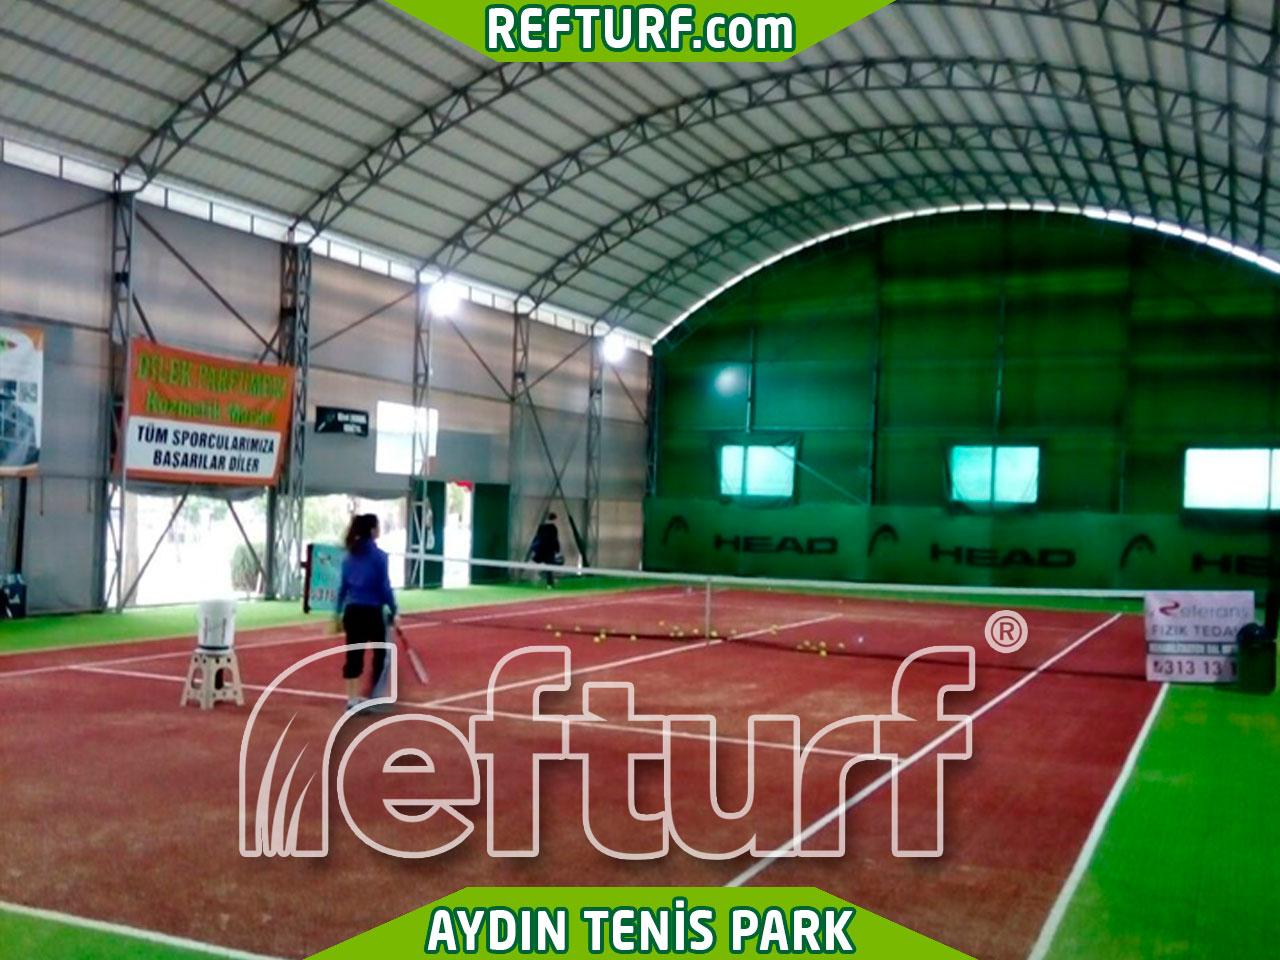 aydın tenis park, aydın tenis kulübü, aydın sentetik çim tenis park, tenis park iletişim,